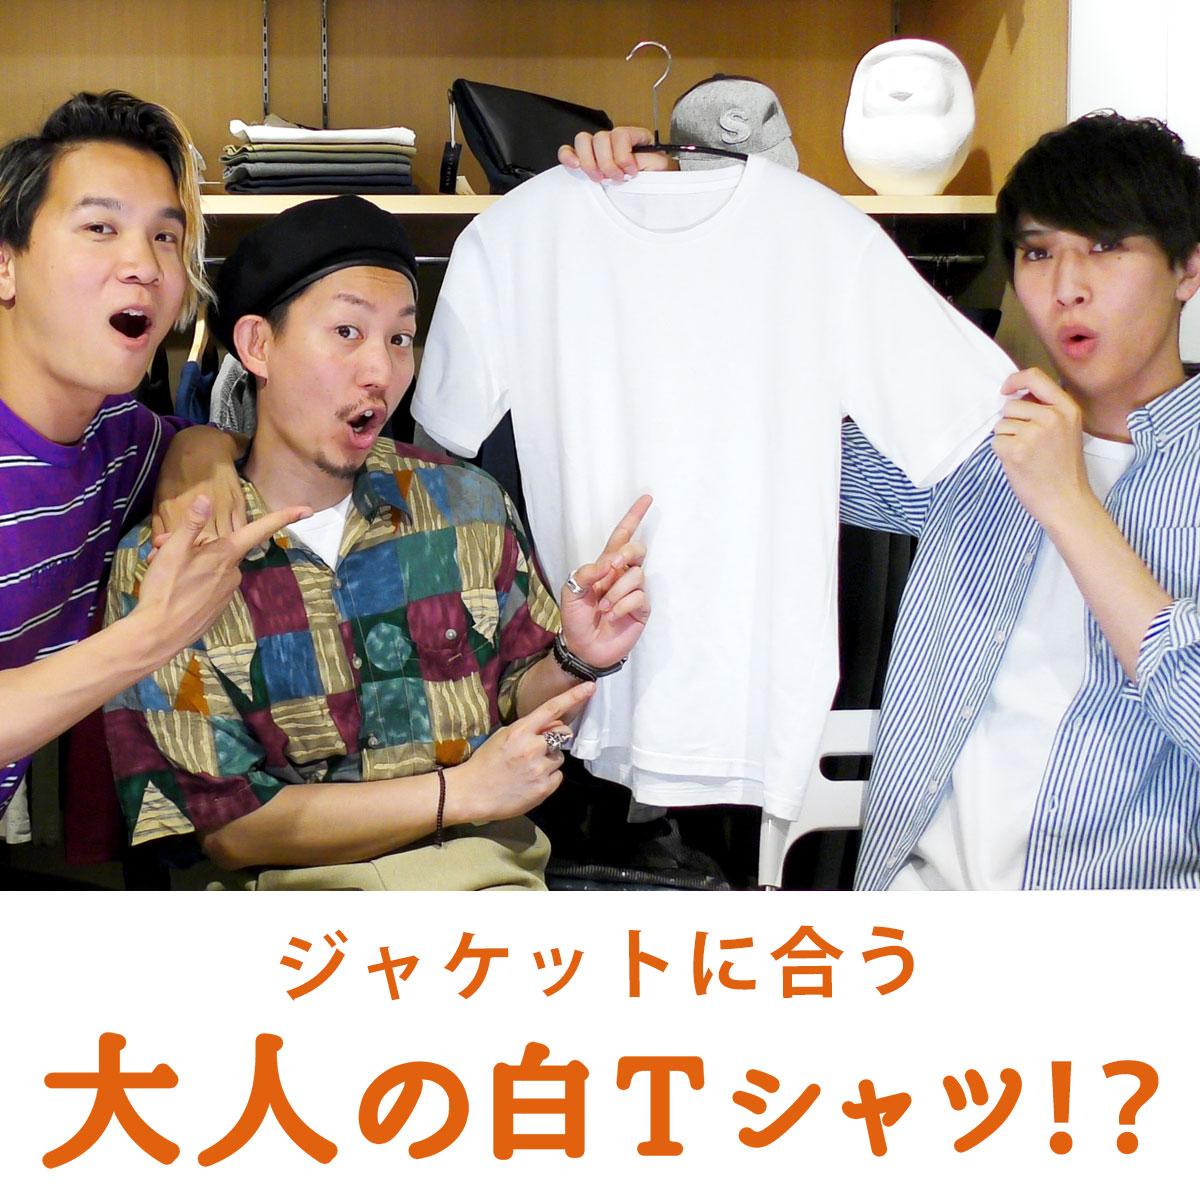 日本製シルケットコーマ天竺クルーネック白Tシャツ